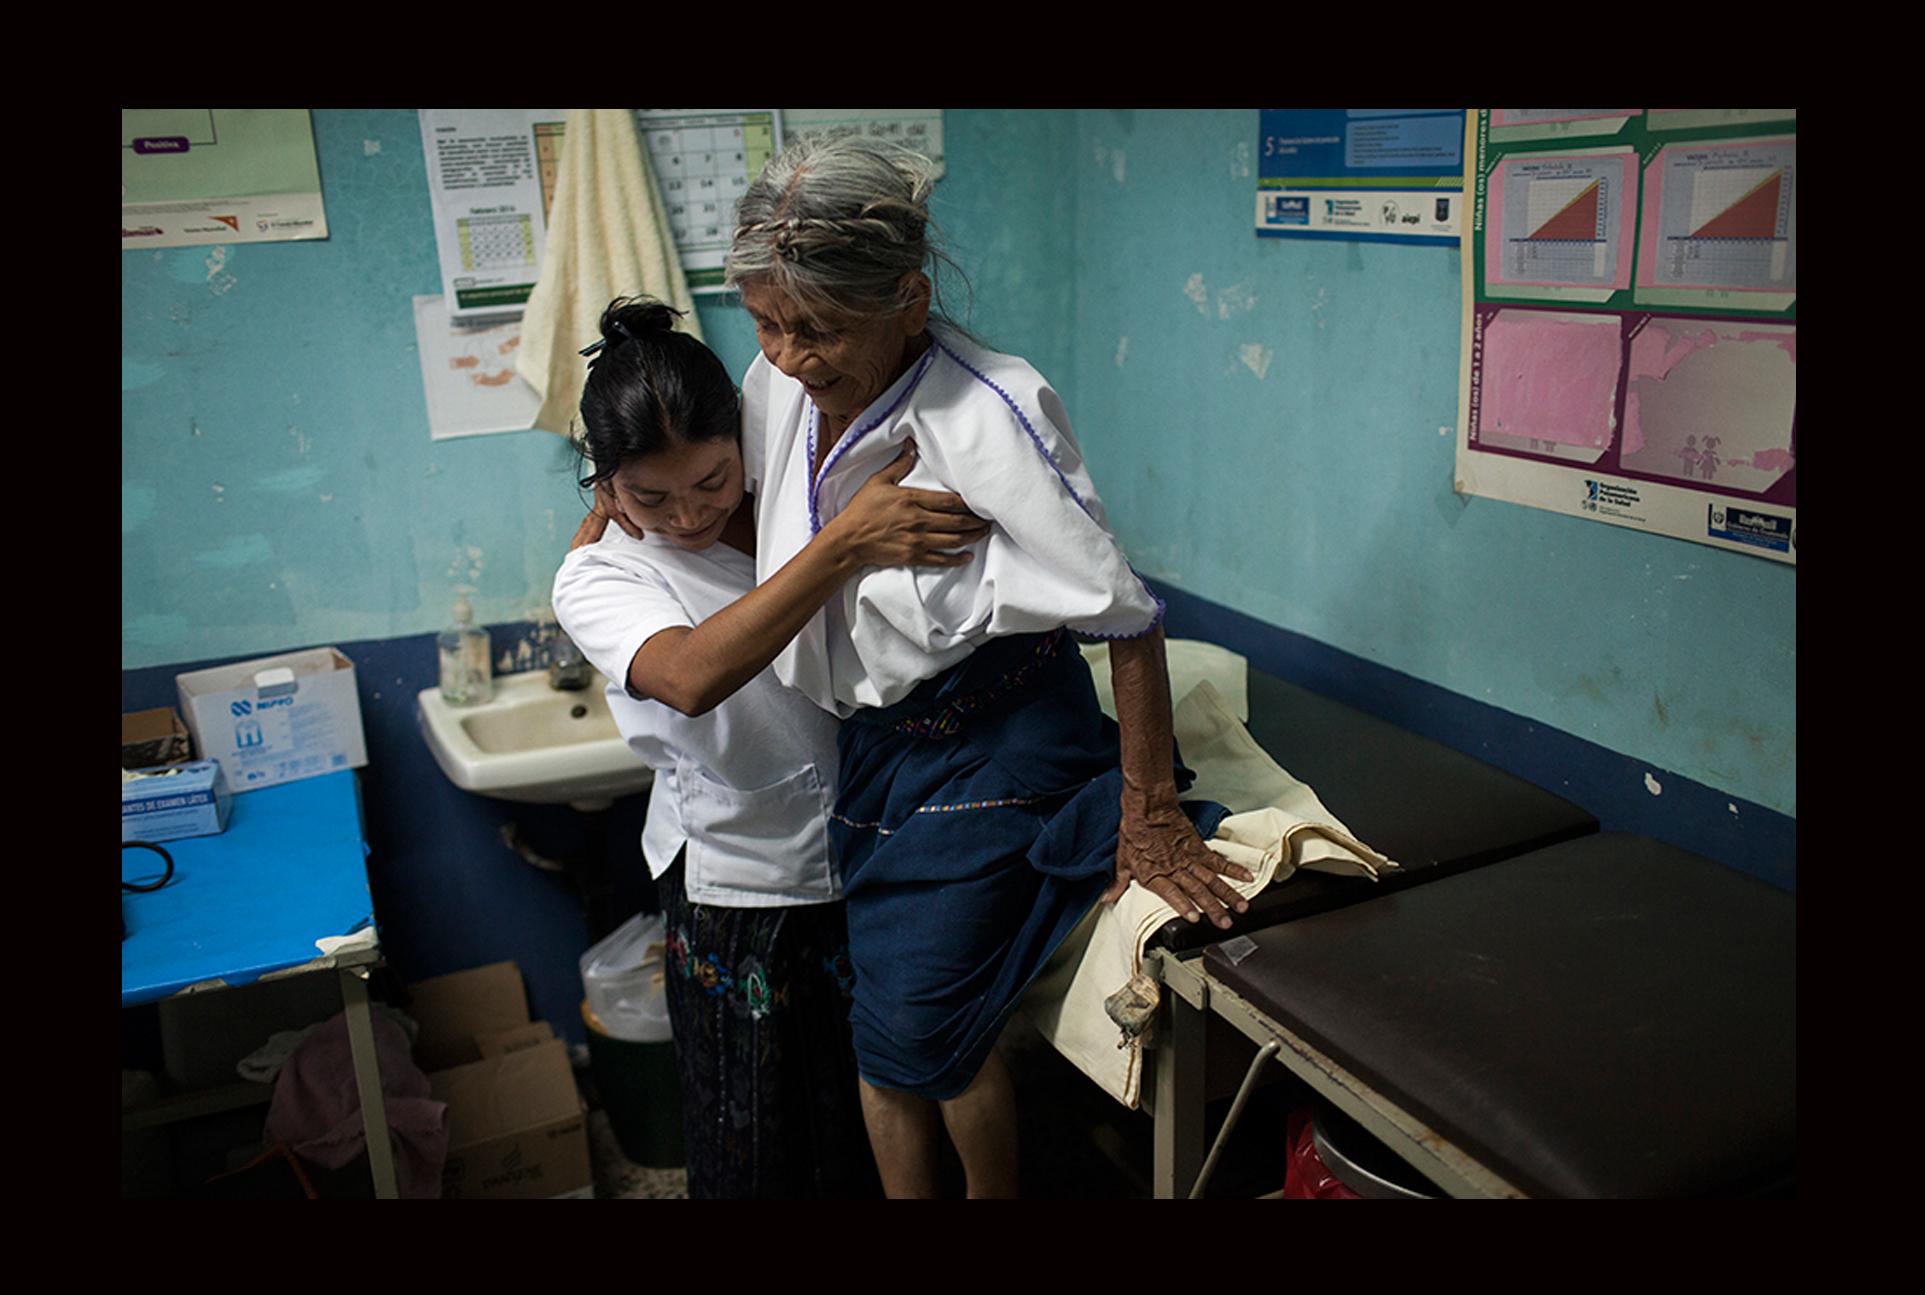 Lucía Sac, de 27 años, ayuda a Santa Cajtunaj, 69, a bajar de la camilla después de haberla examinada.